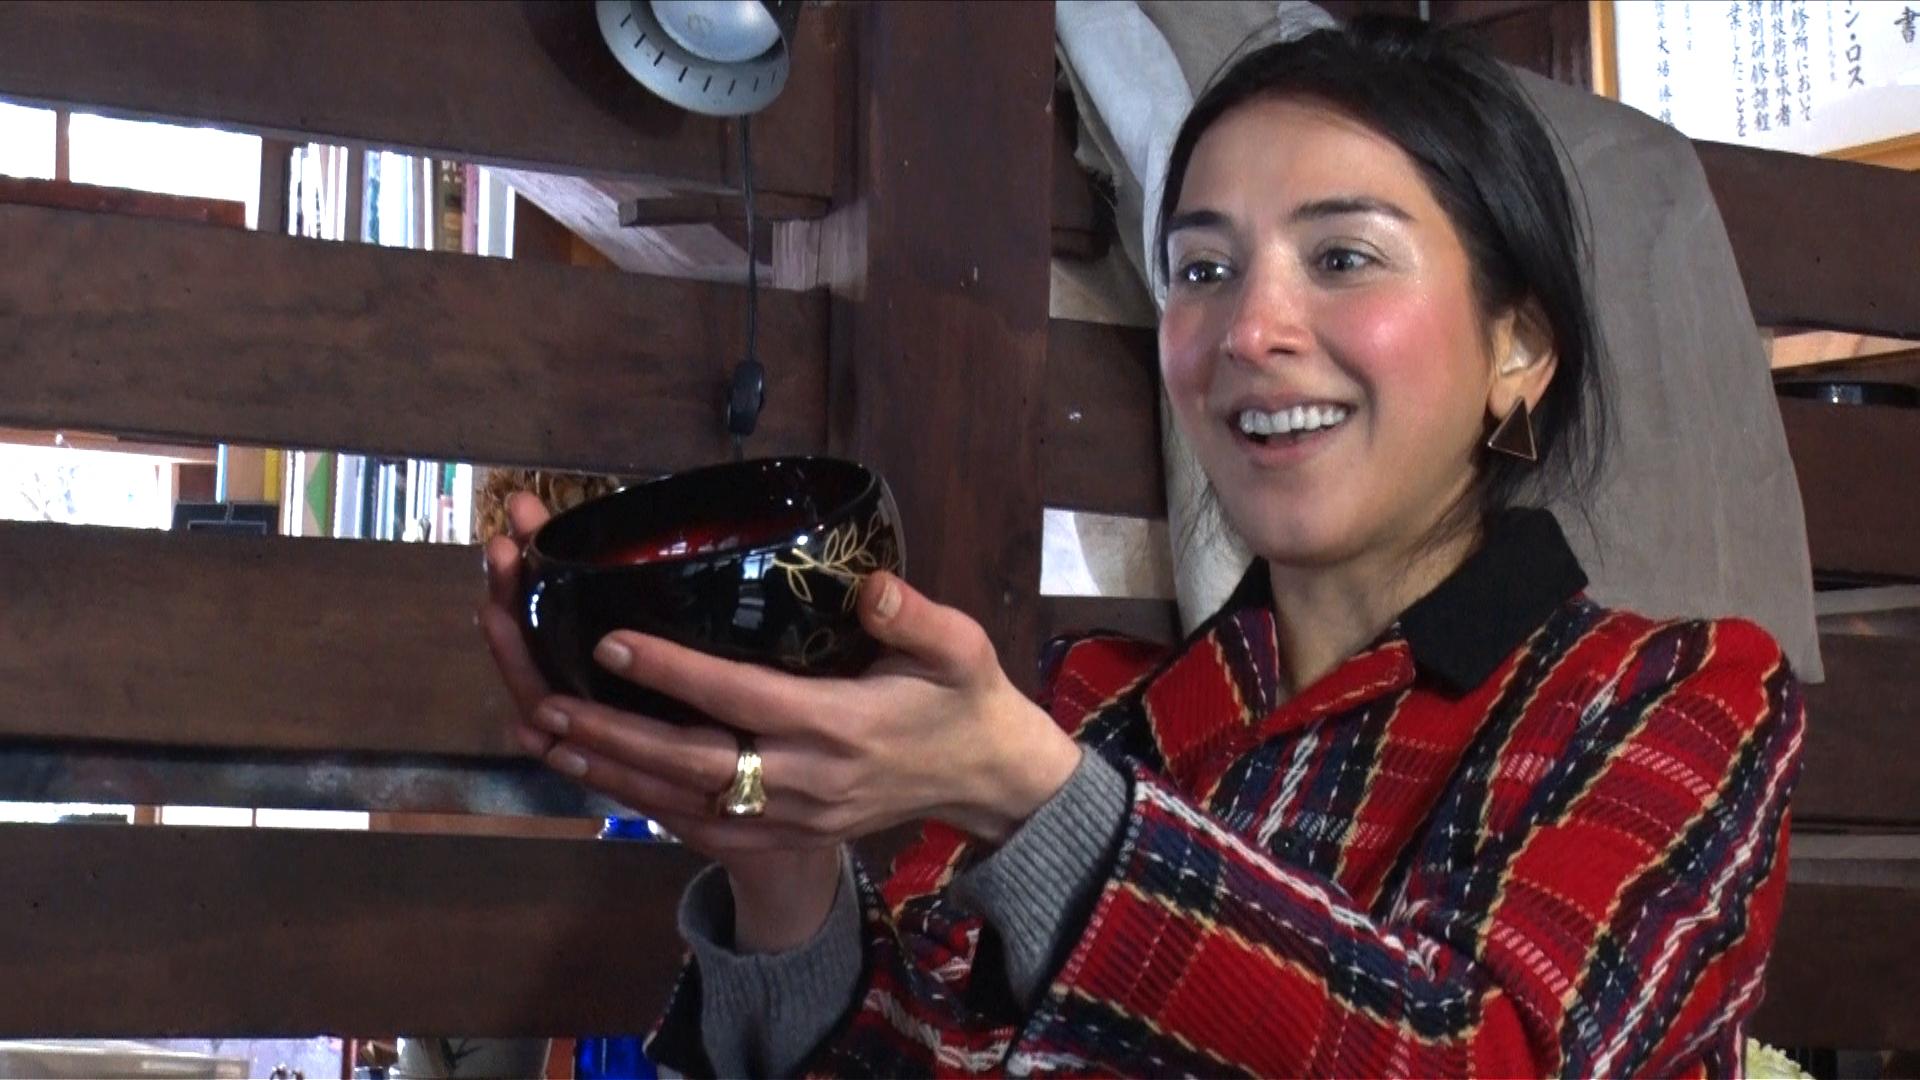 サヘル・ローズが「石川県」のイチオシを発掘!輪島塗に魅了されたイギリス人漆塗り職人や金沢の珠玉の和菓子など、地方のイチオシが目白押し!